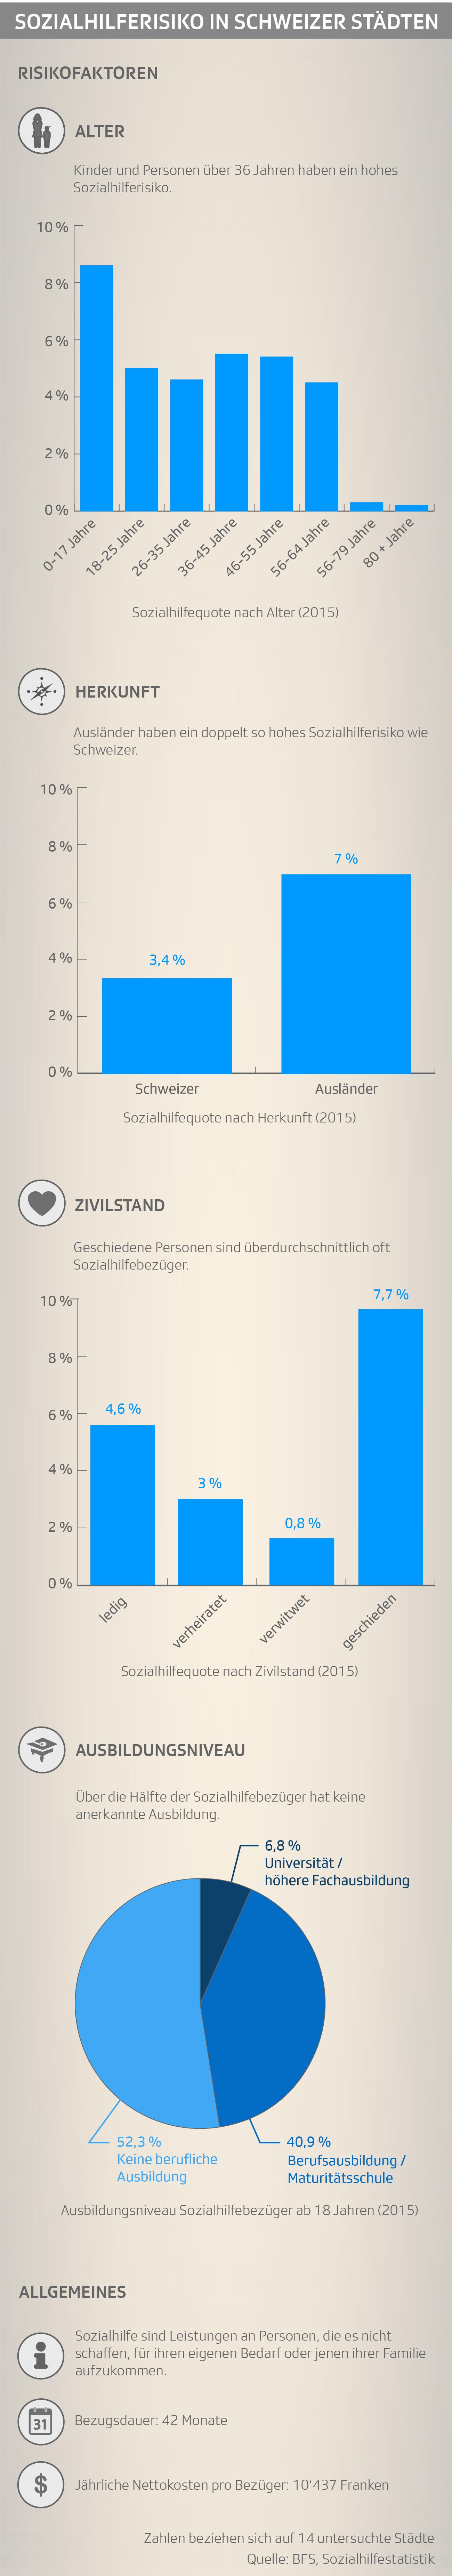 Sozialhilferisiko in Schweizer Städten